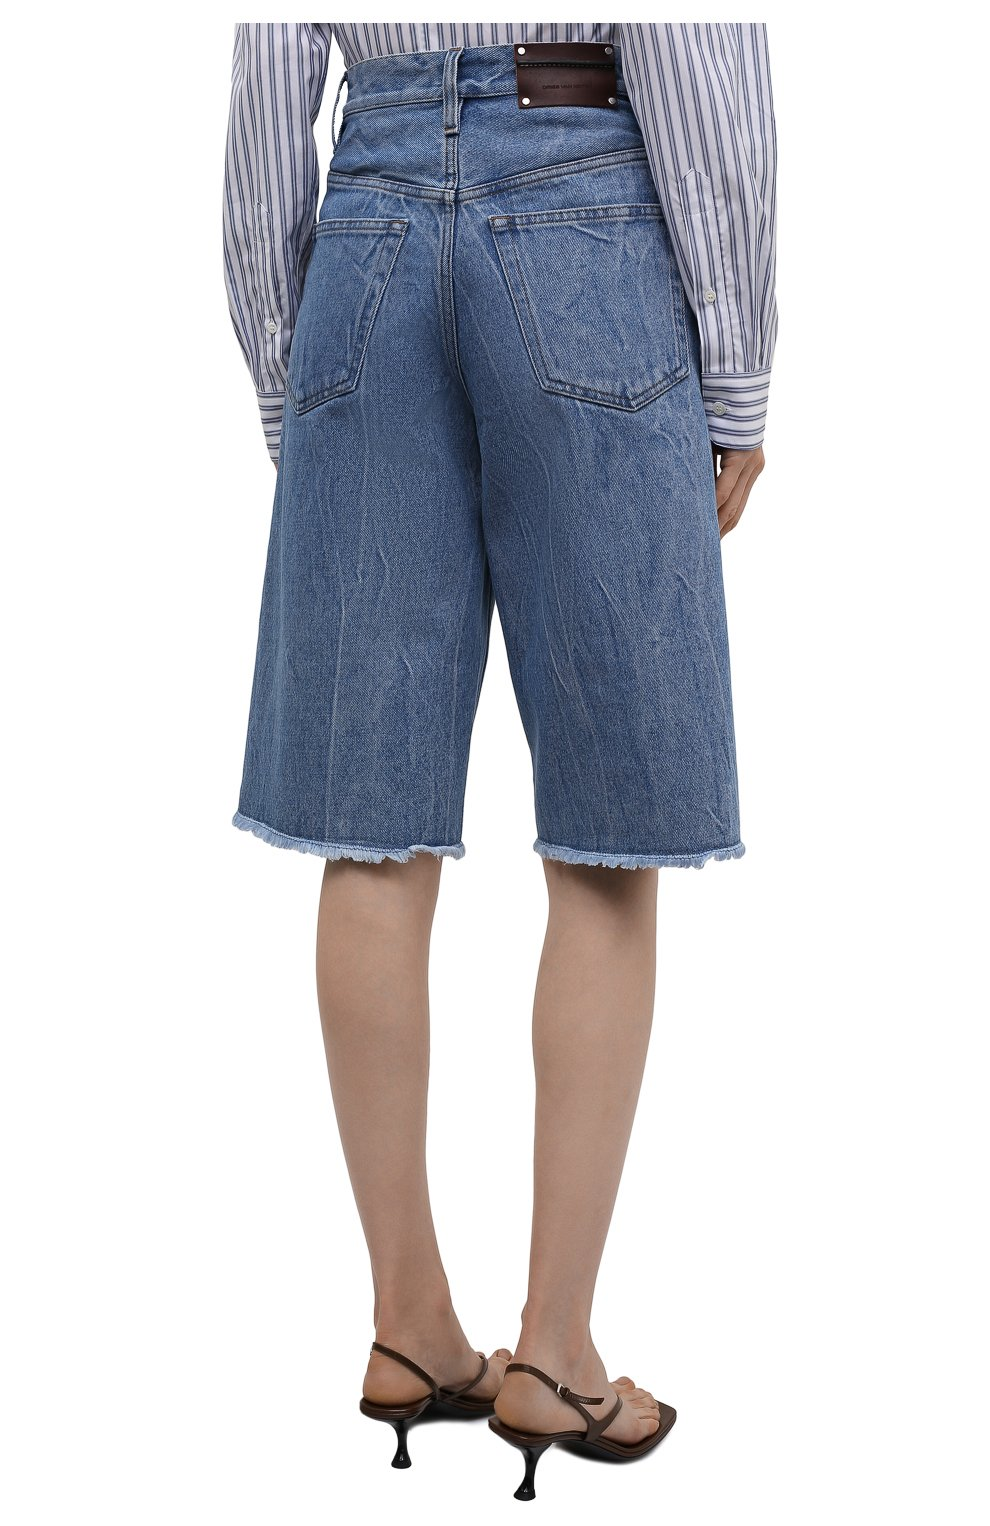 Женские джинсовые шорты DRIES VAN NOTEN синего цвета, арт. 212-032406-3381 | Фото 4 (Женское Кросс-КТ: Шорты-одежда; Стили: Гламурный; Кросс-КТ: Деним, Широкие; Материал внешний: Хлопок; Длина Ж (юбки, платья, шорты): Миди)